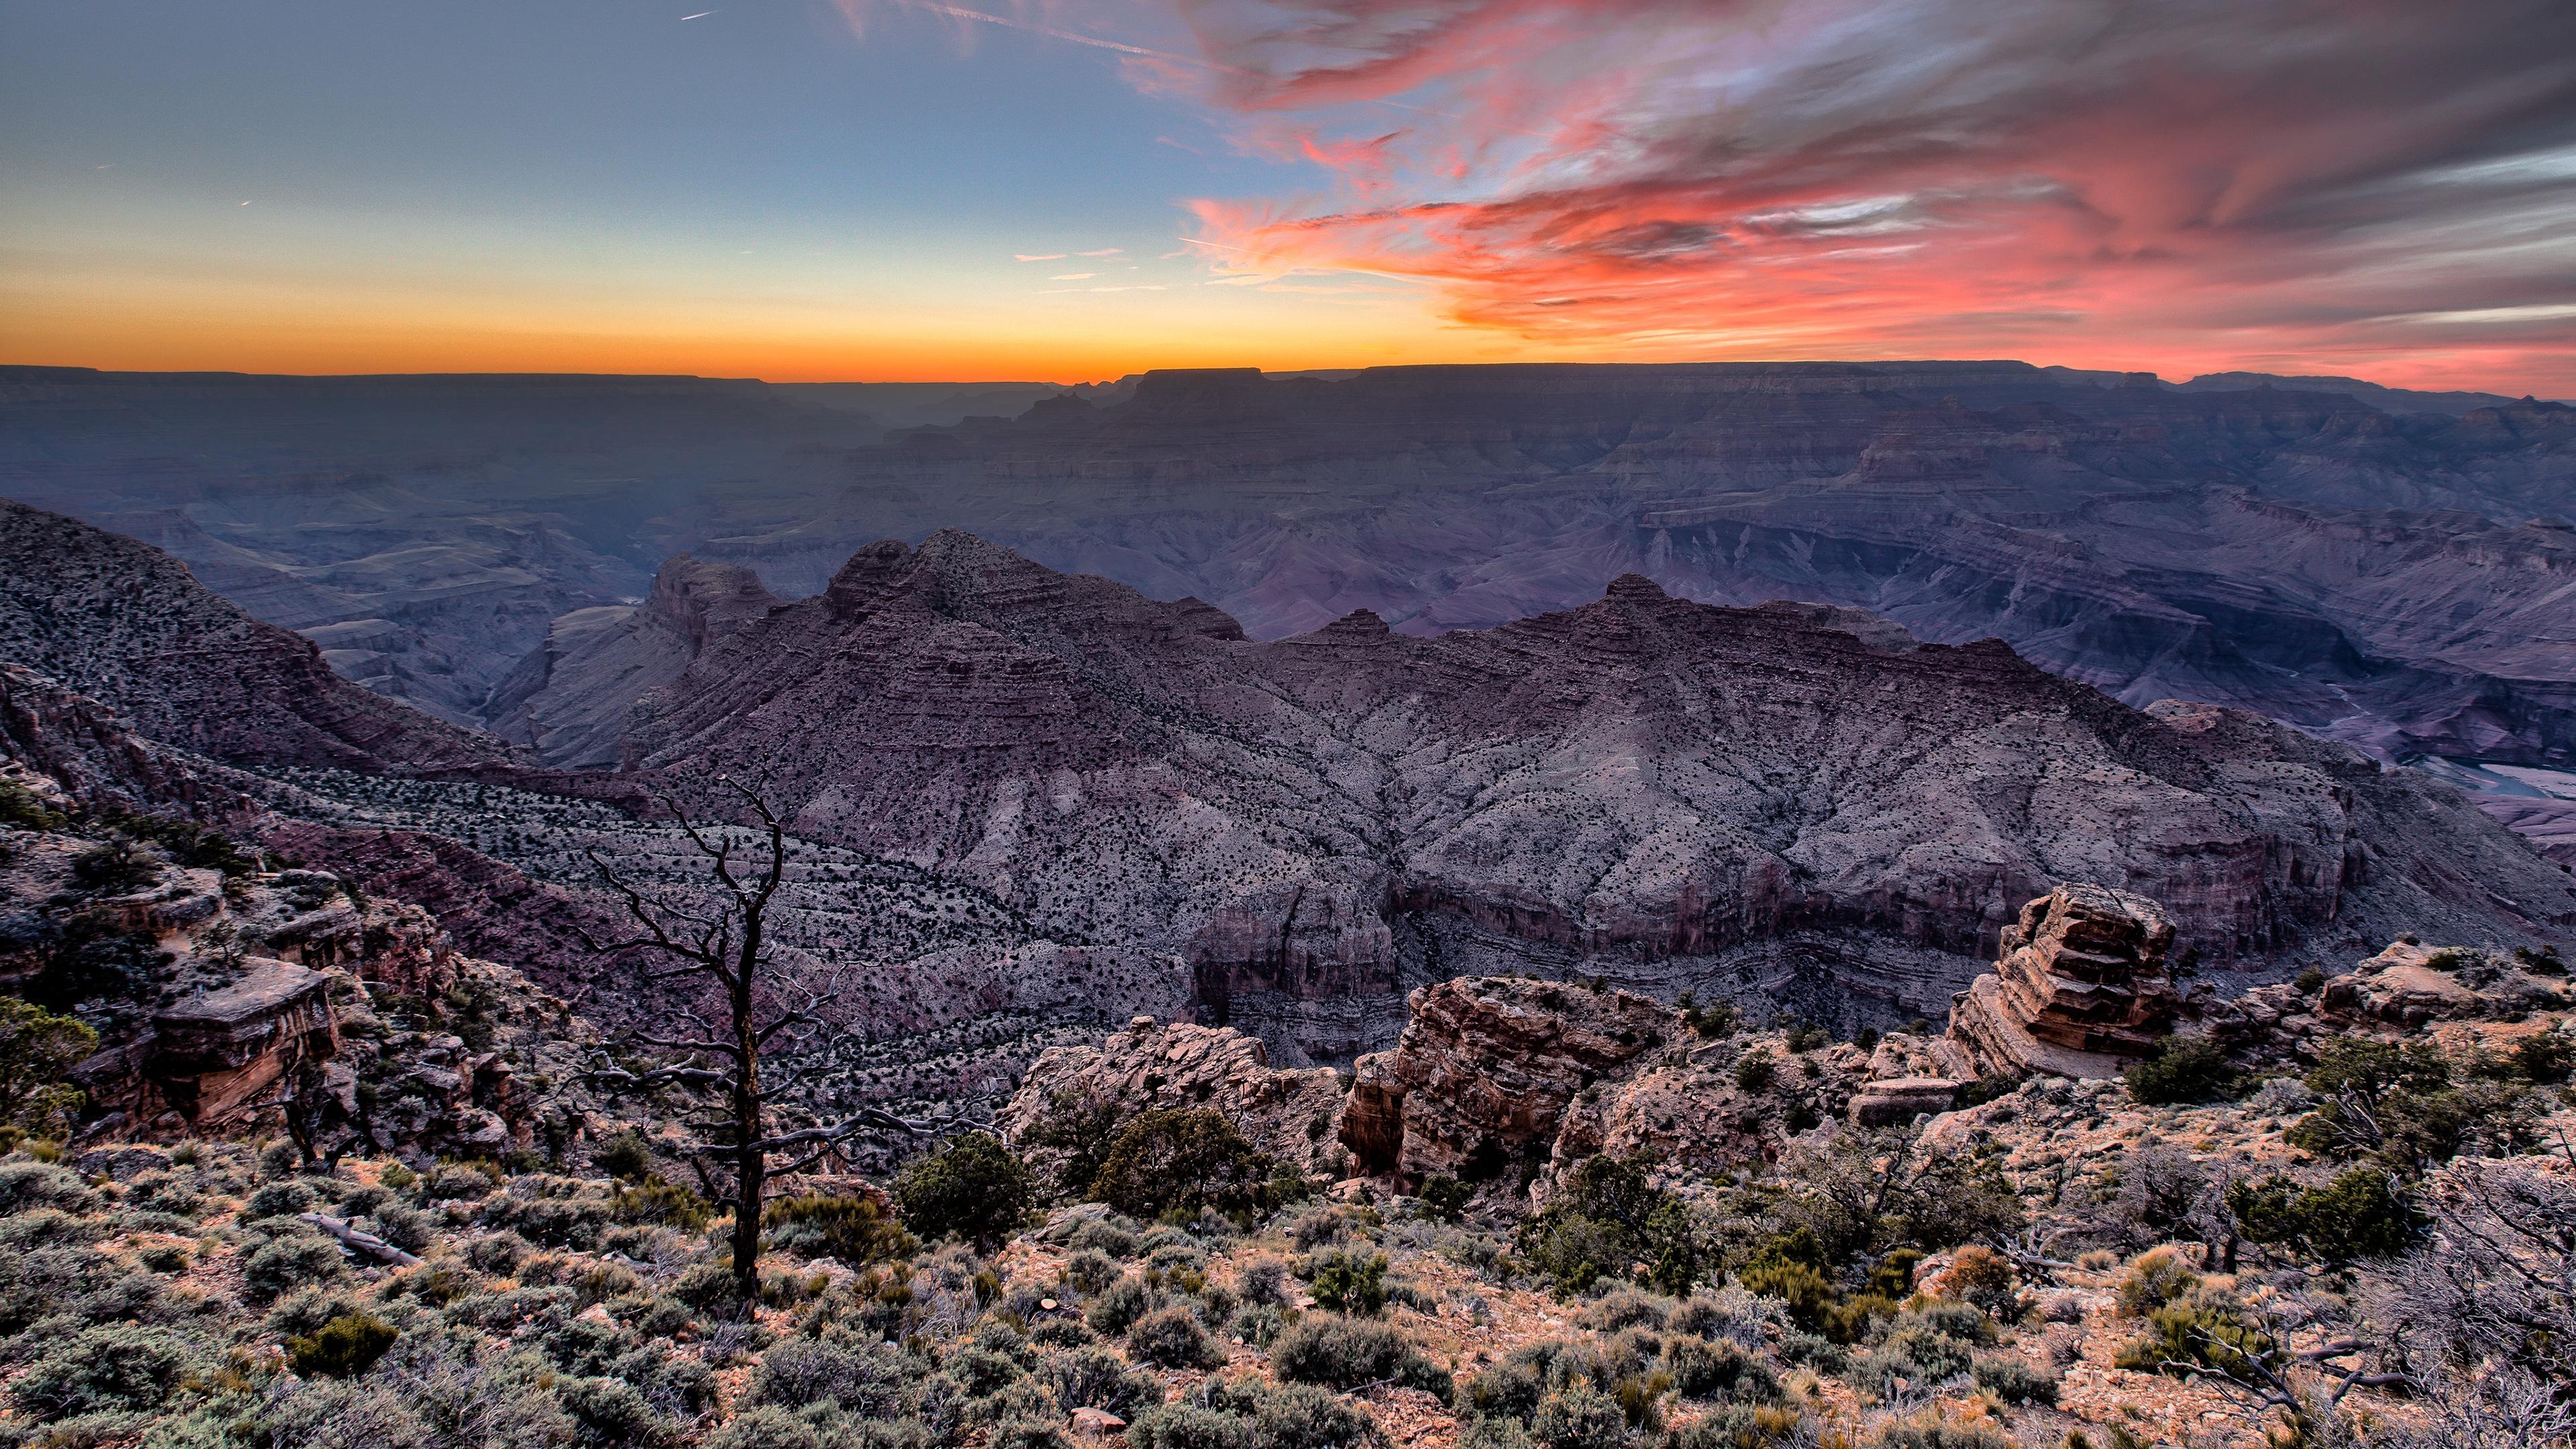 Grand Canyon Sunset 4K Ultra HD Desktop Wallpaper 3840x2160